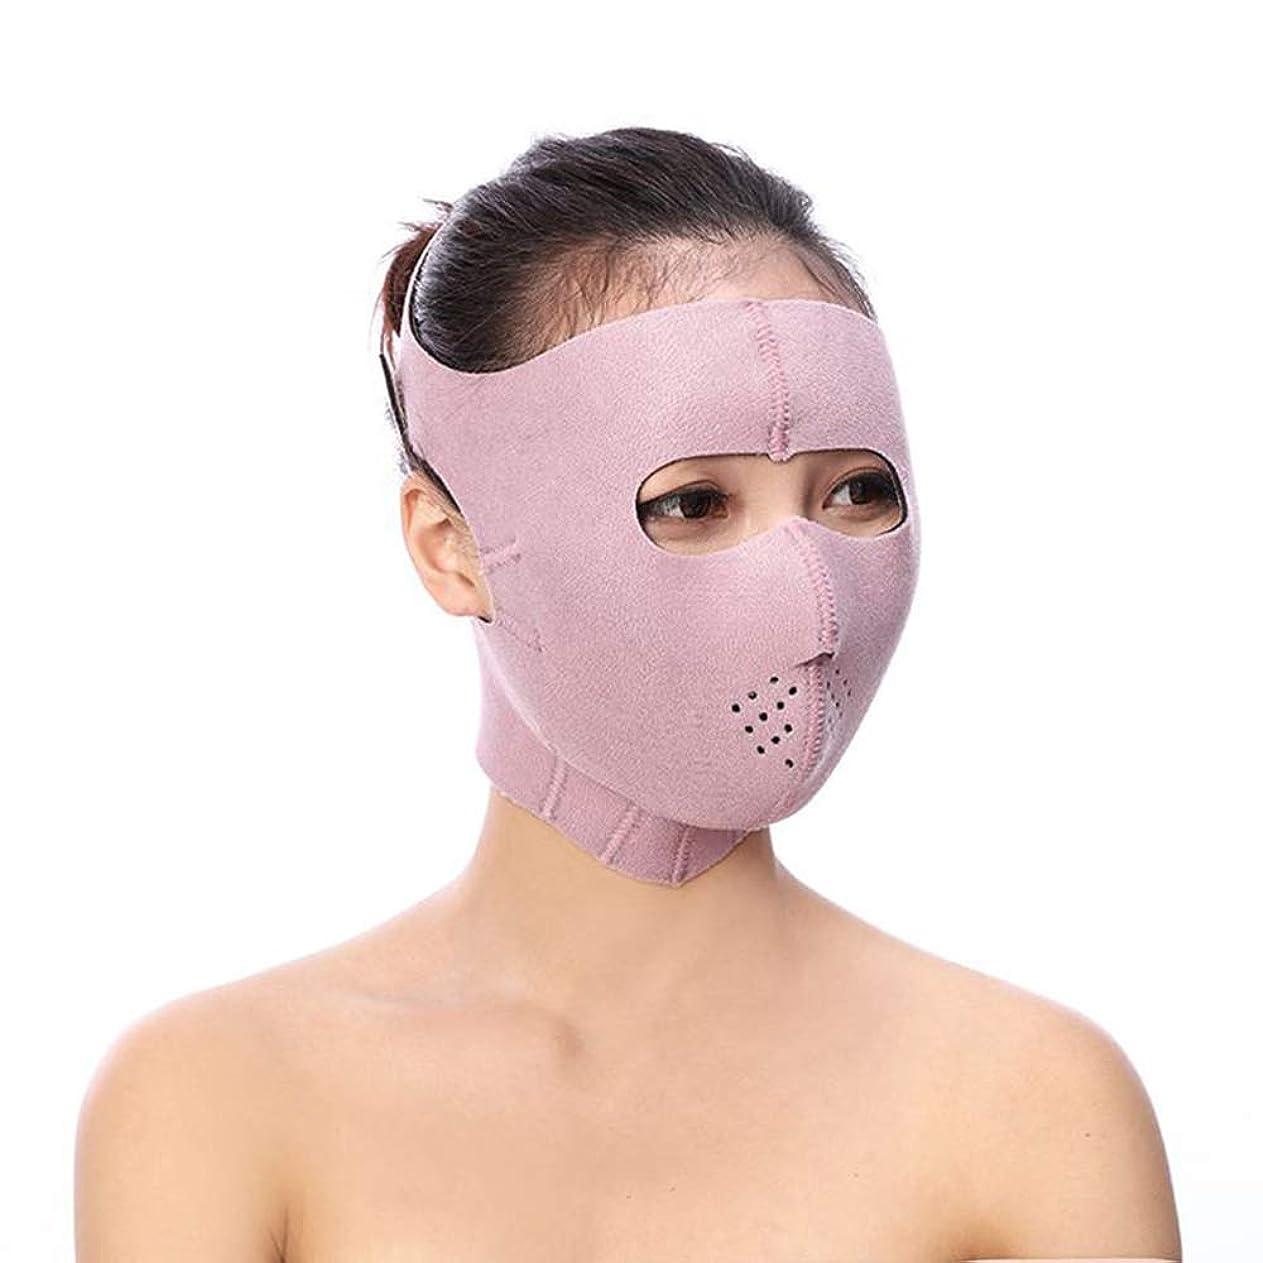 ポルノインストラクター世論調査Minmin フェイシャルリフティング痩身ベルト - Vフェイス包帯マスクフェイシャルマッサージャー無料の薄いフェイス包帯整形マスクを引き締める顔と首の顔スリム みんみんVラインフェイスマスク